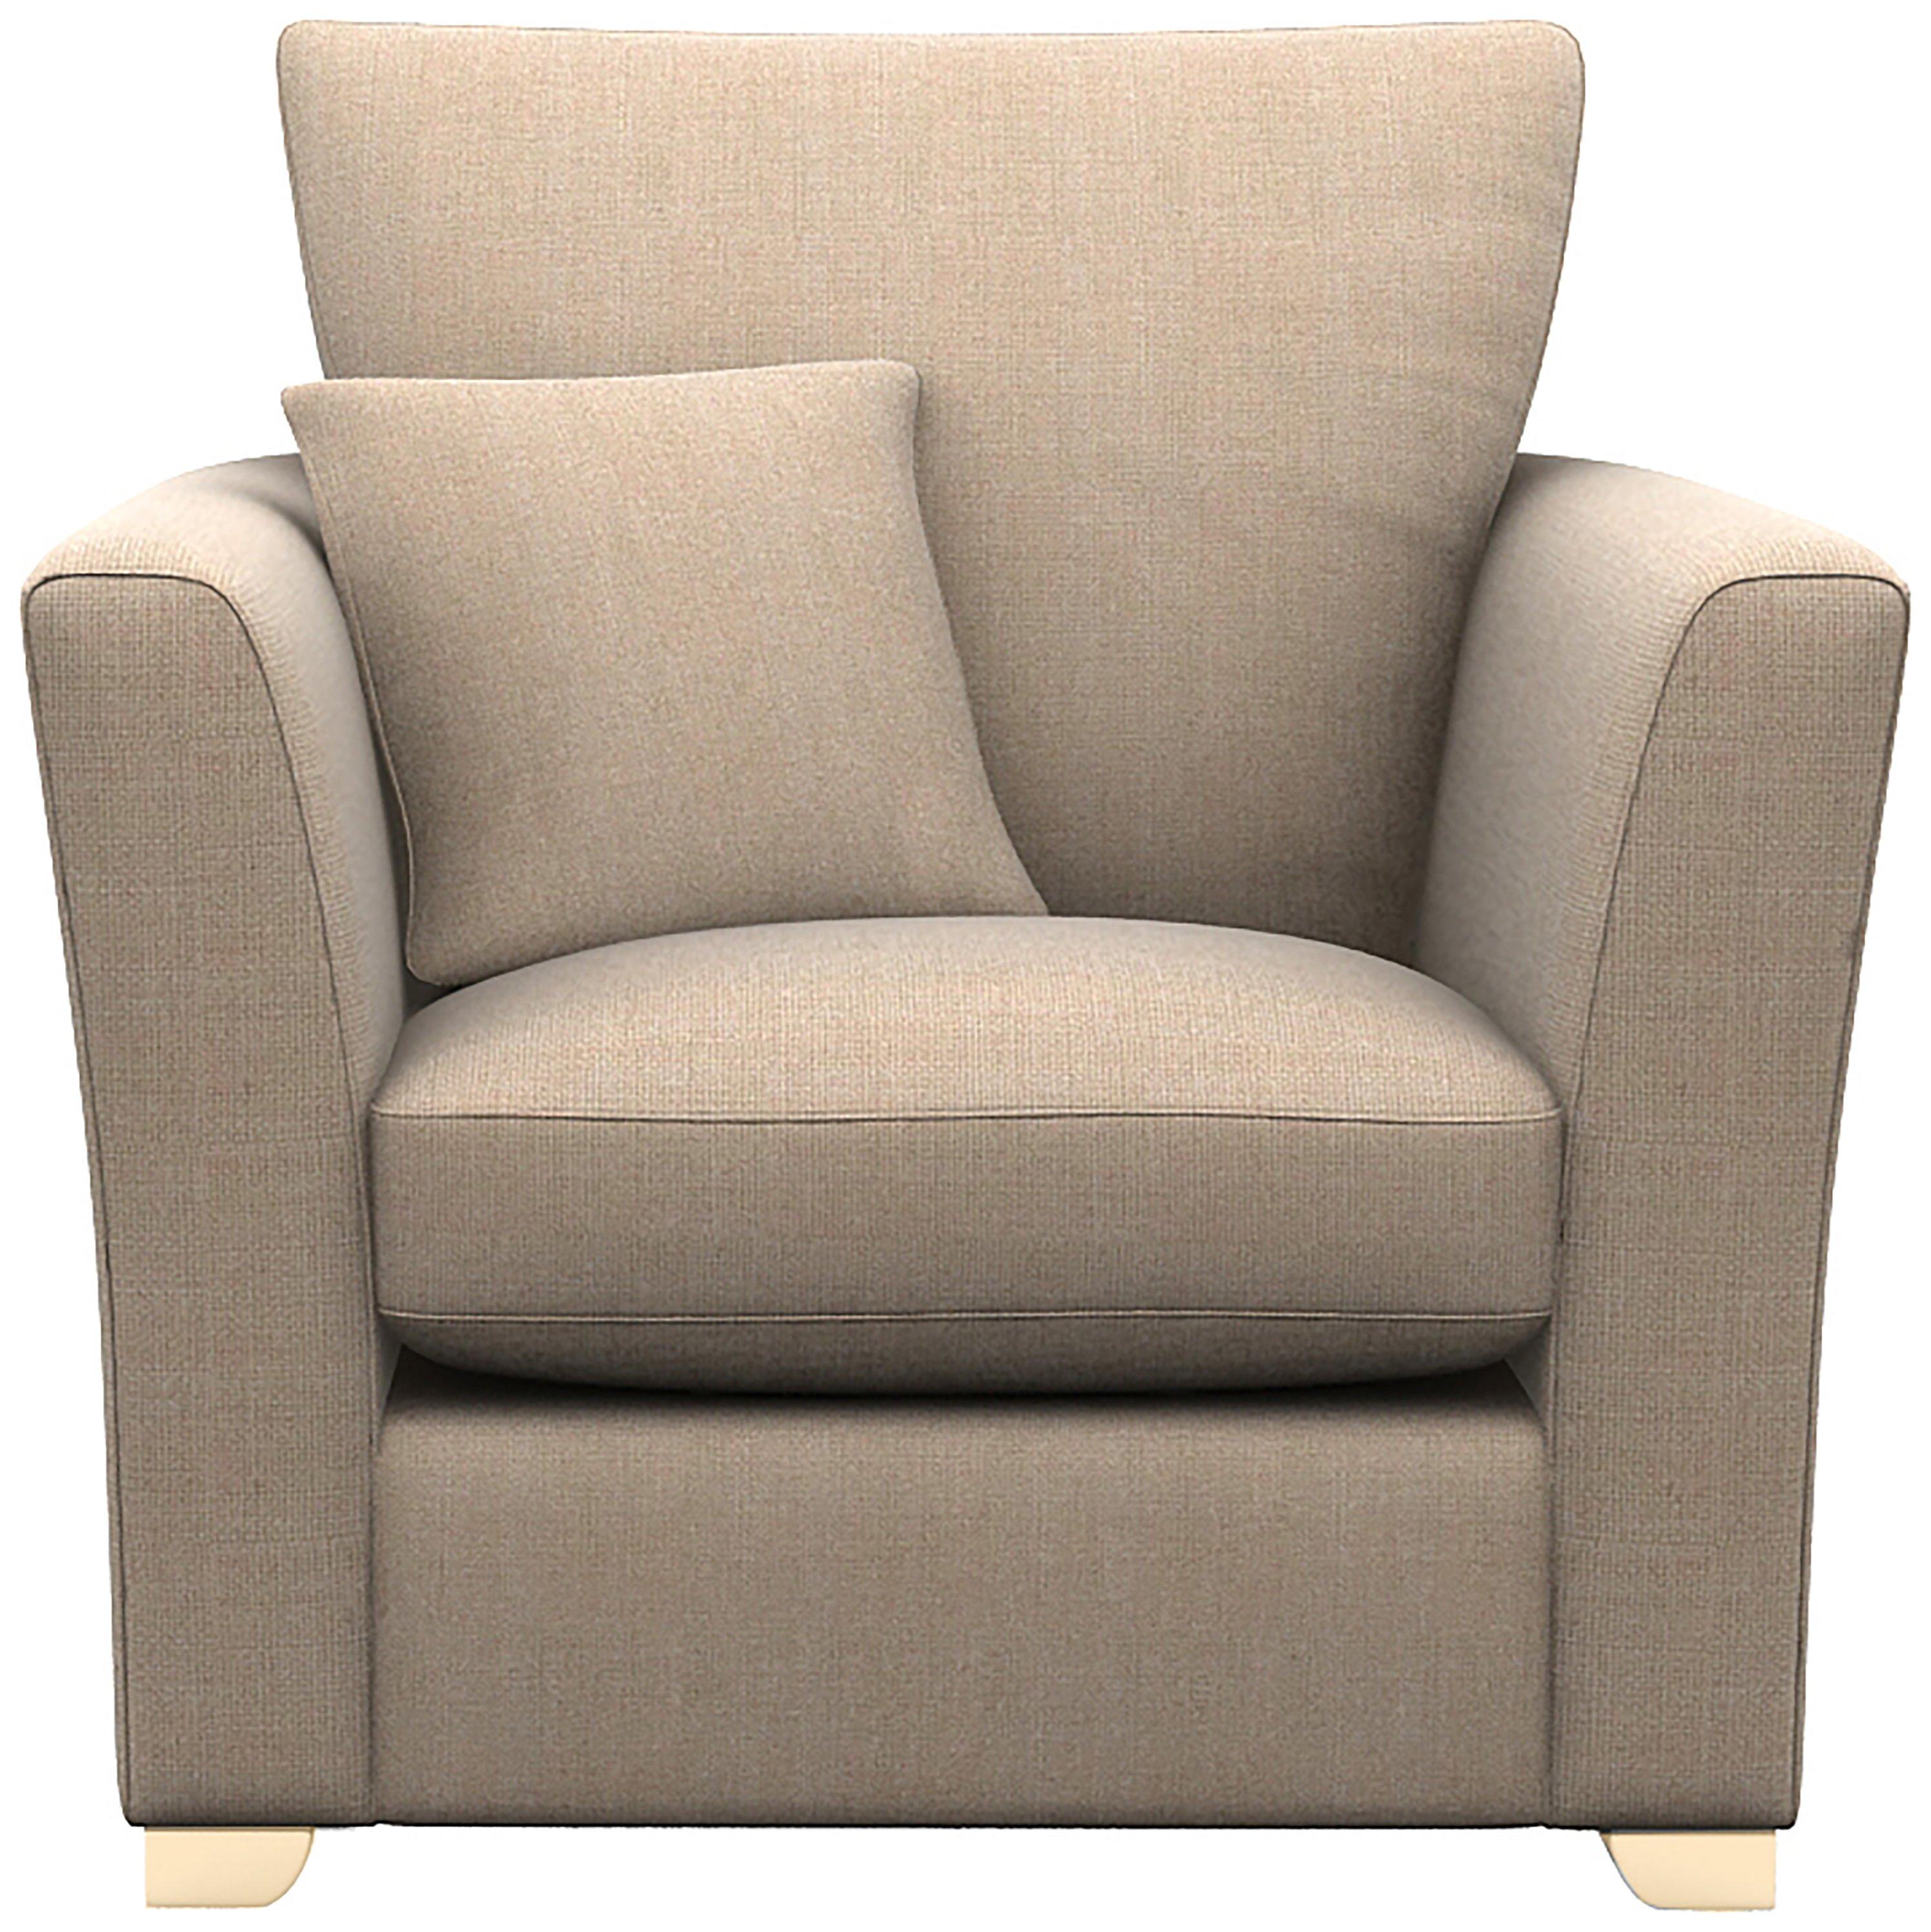 Libby Fabric Chair - Sand